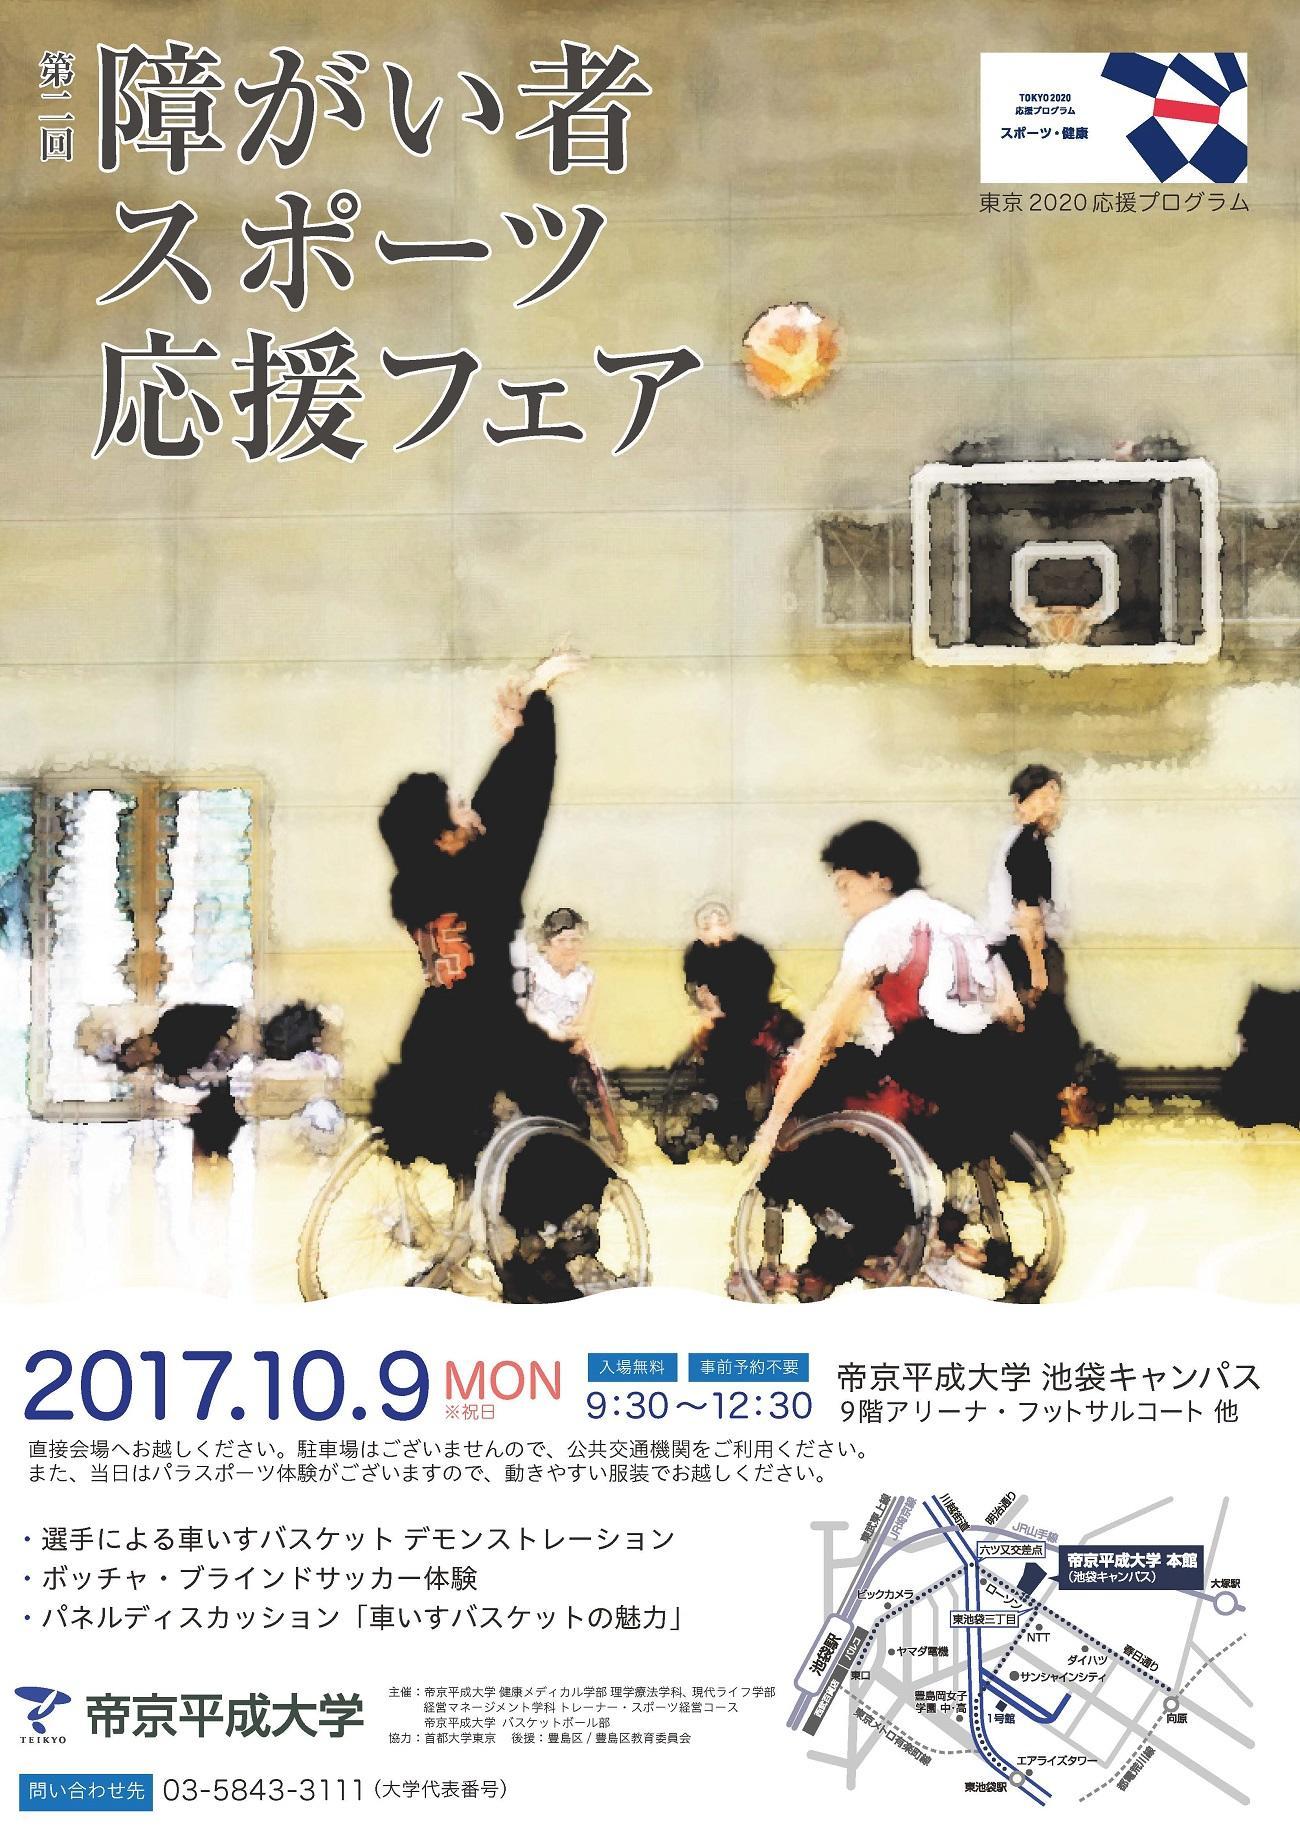 10月9日(月・祝)帝京平成大学池袋キャンパスにて「第2回障がい者スポーツ応援フェア」を開催 -- 帝京平成大学